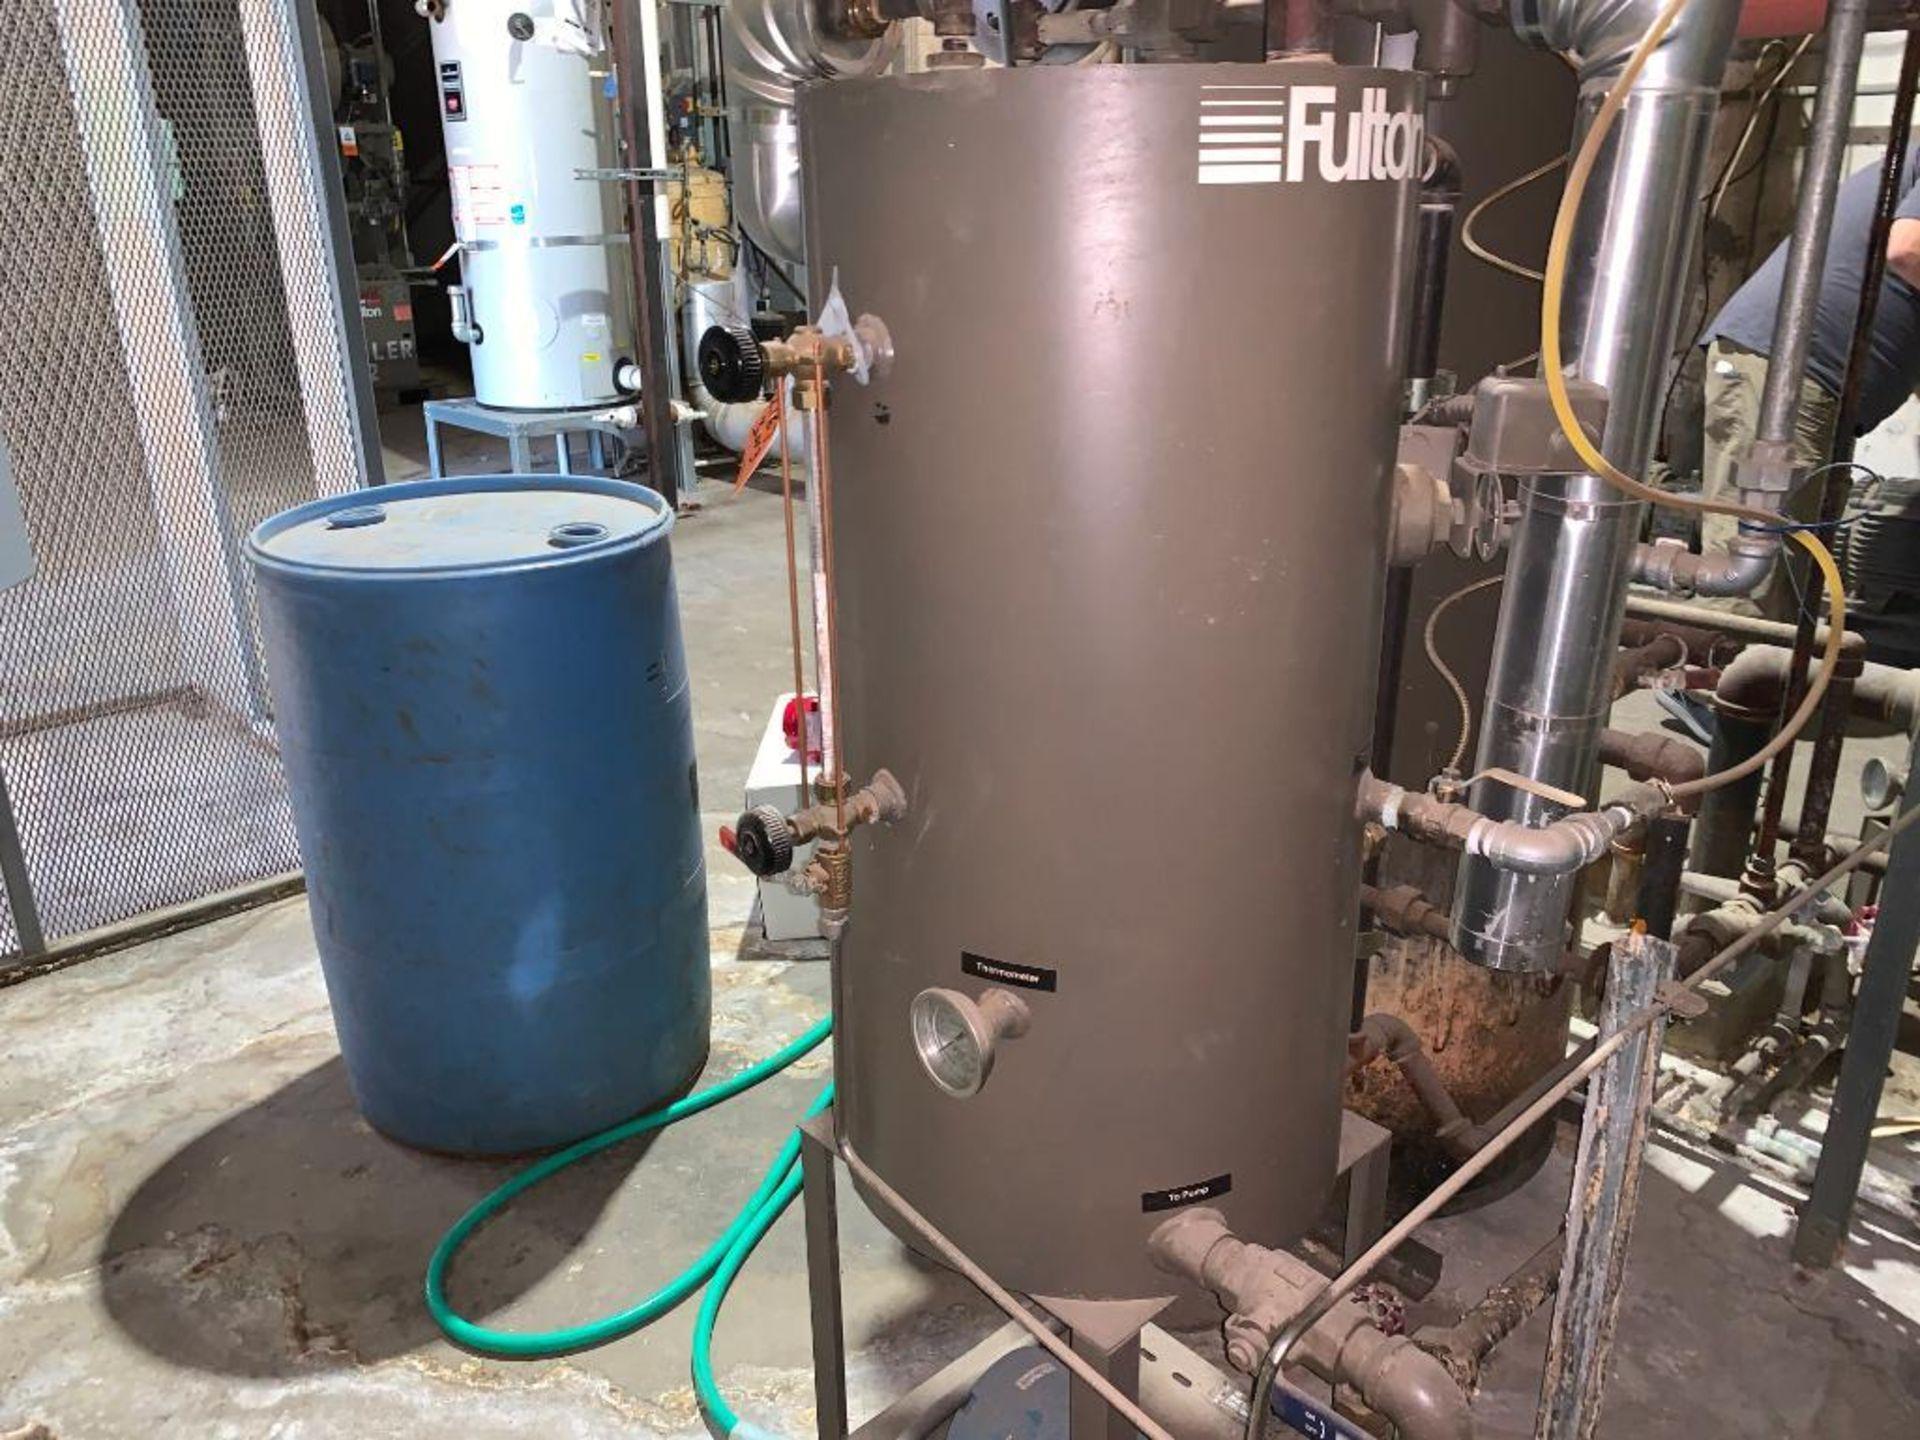 2014 Fulton steam boiler - Image 15 of 23